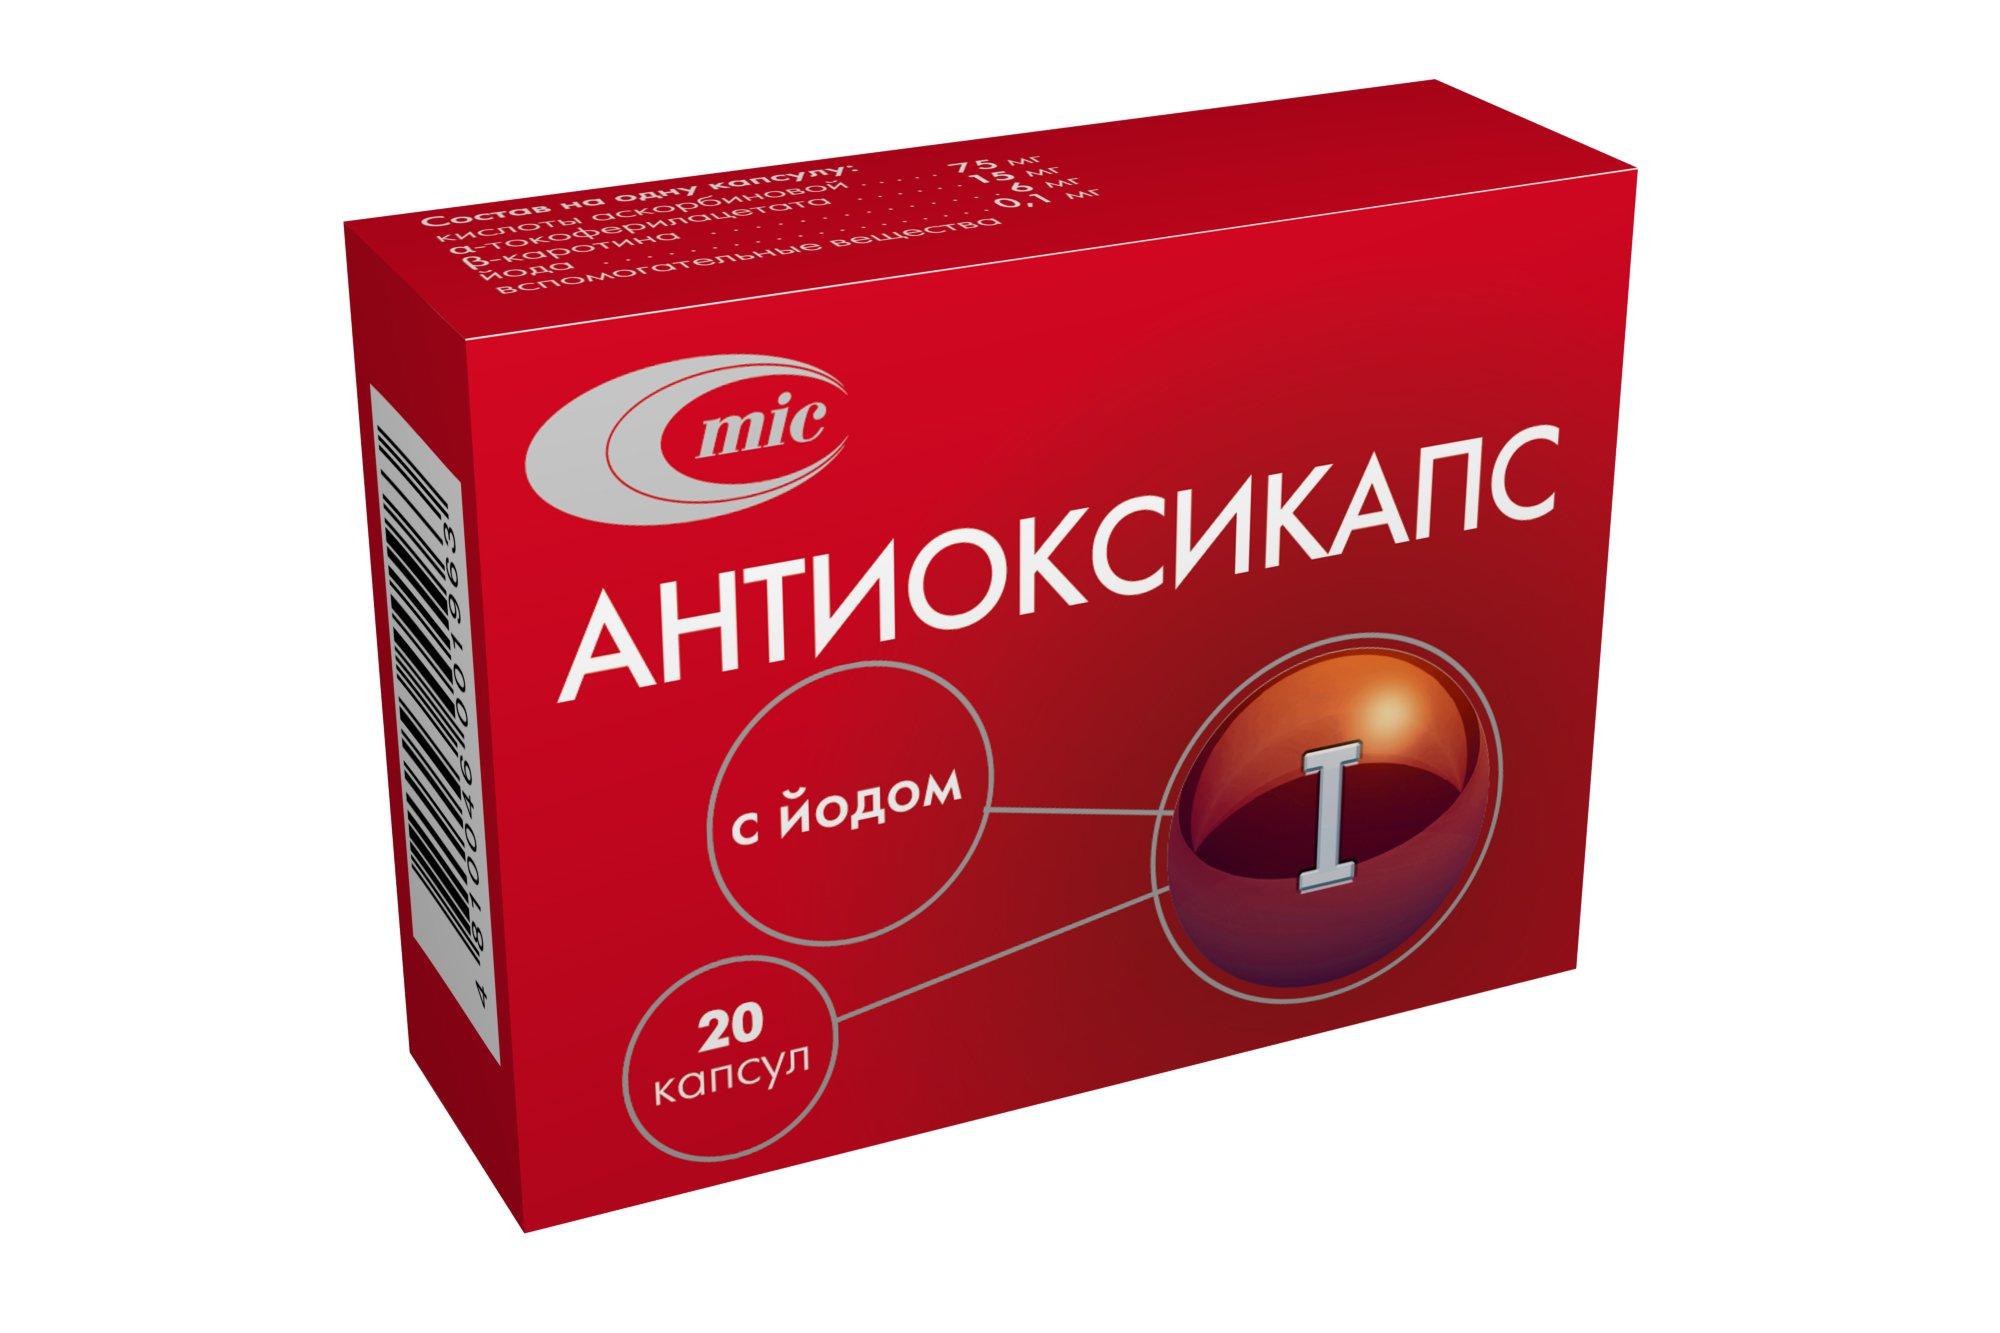 Антиоксикапс - отзывы, виды, применение